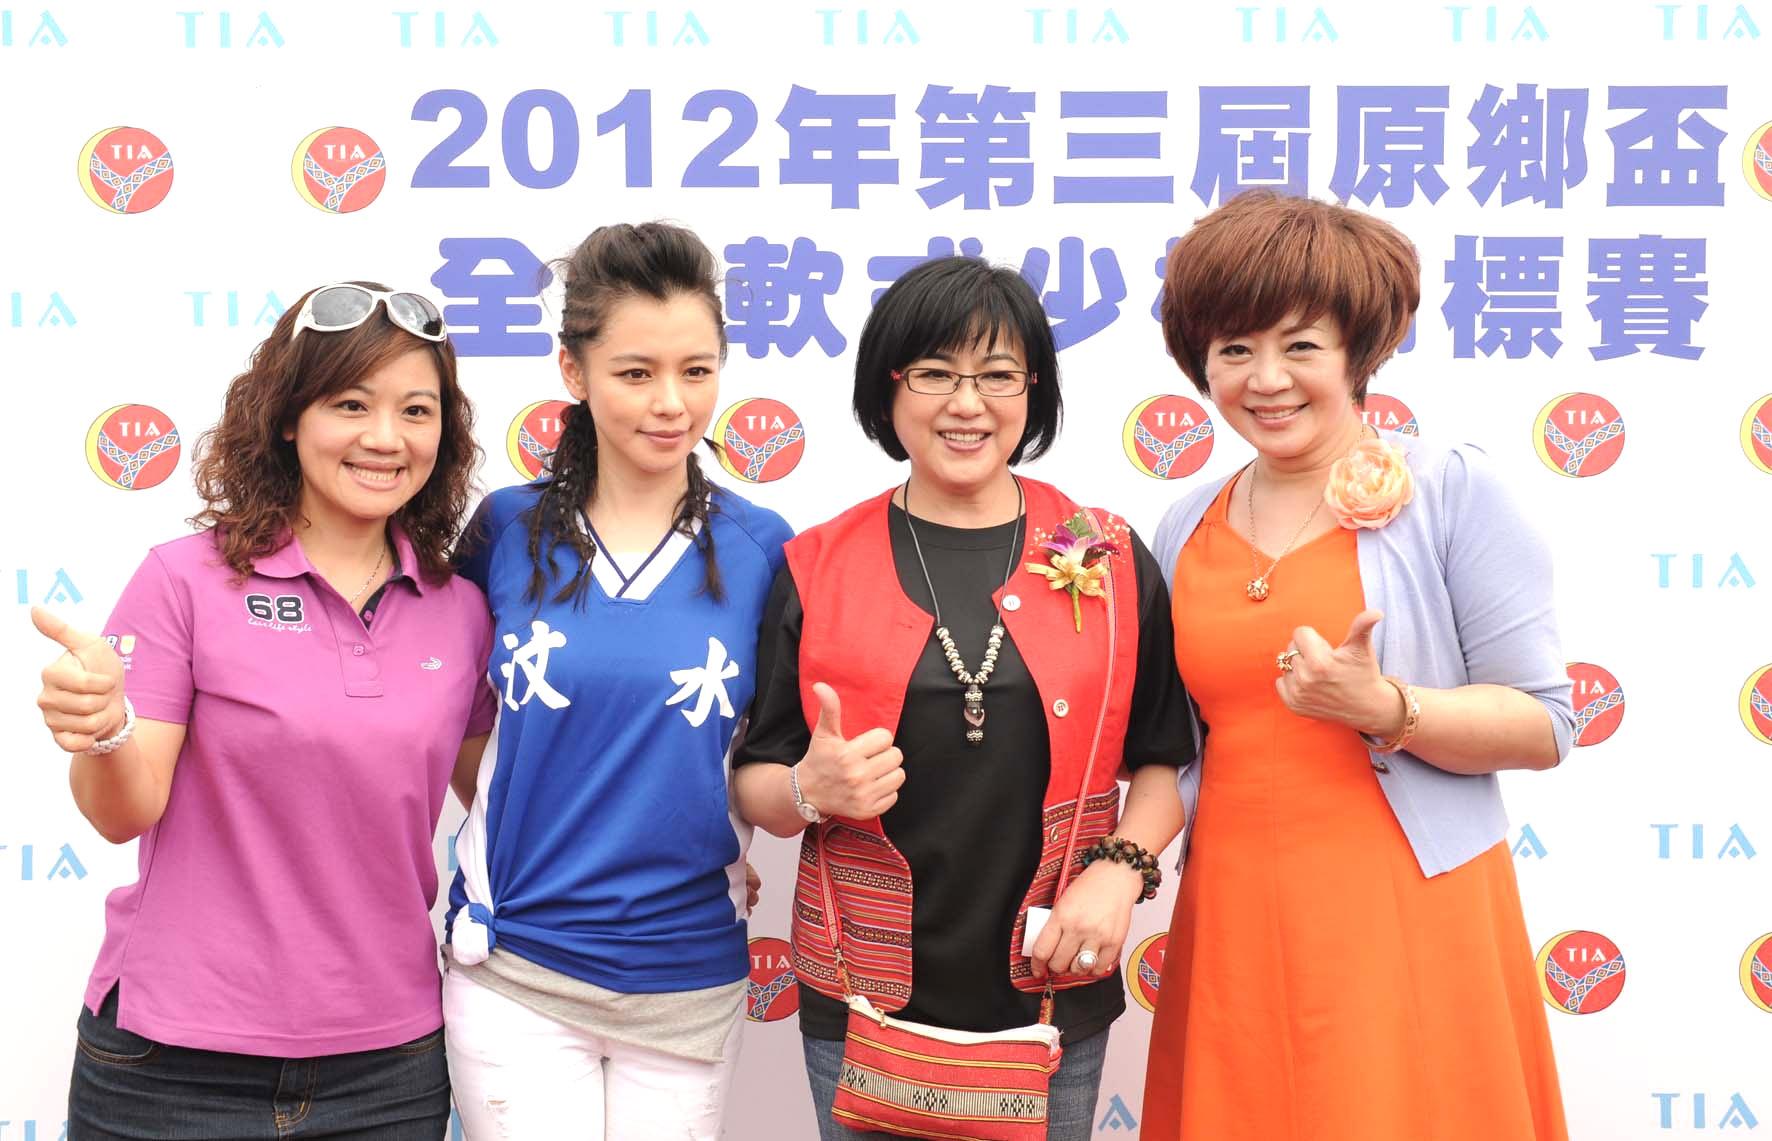 永達李貞瑩經理(圖左)及永達張惠貞協理(圖右)一同到場為原民少棒選手加油。